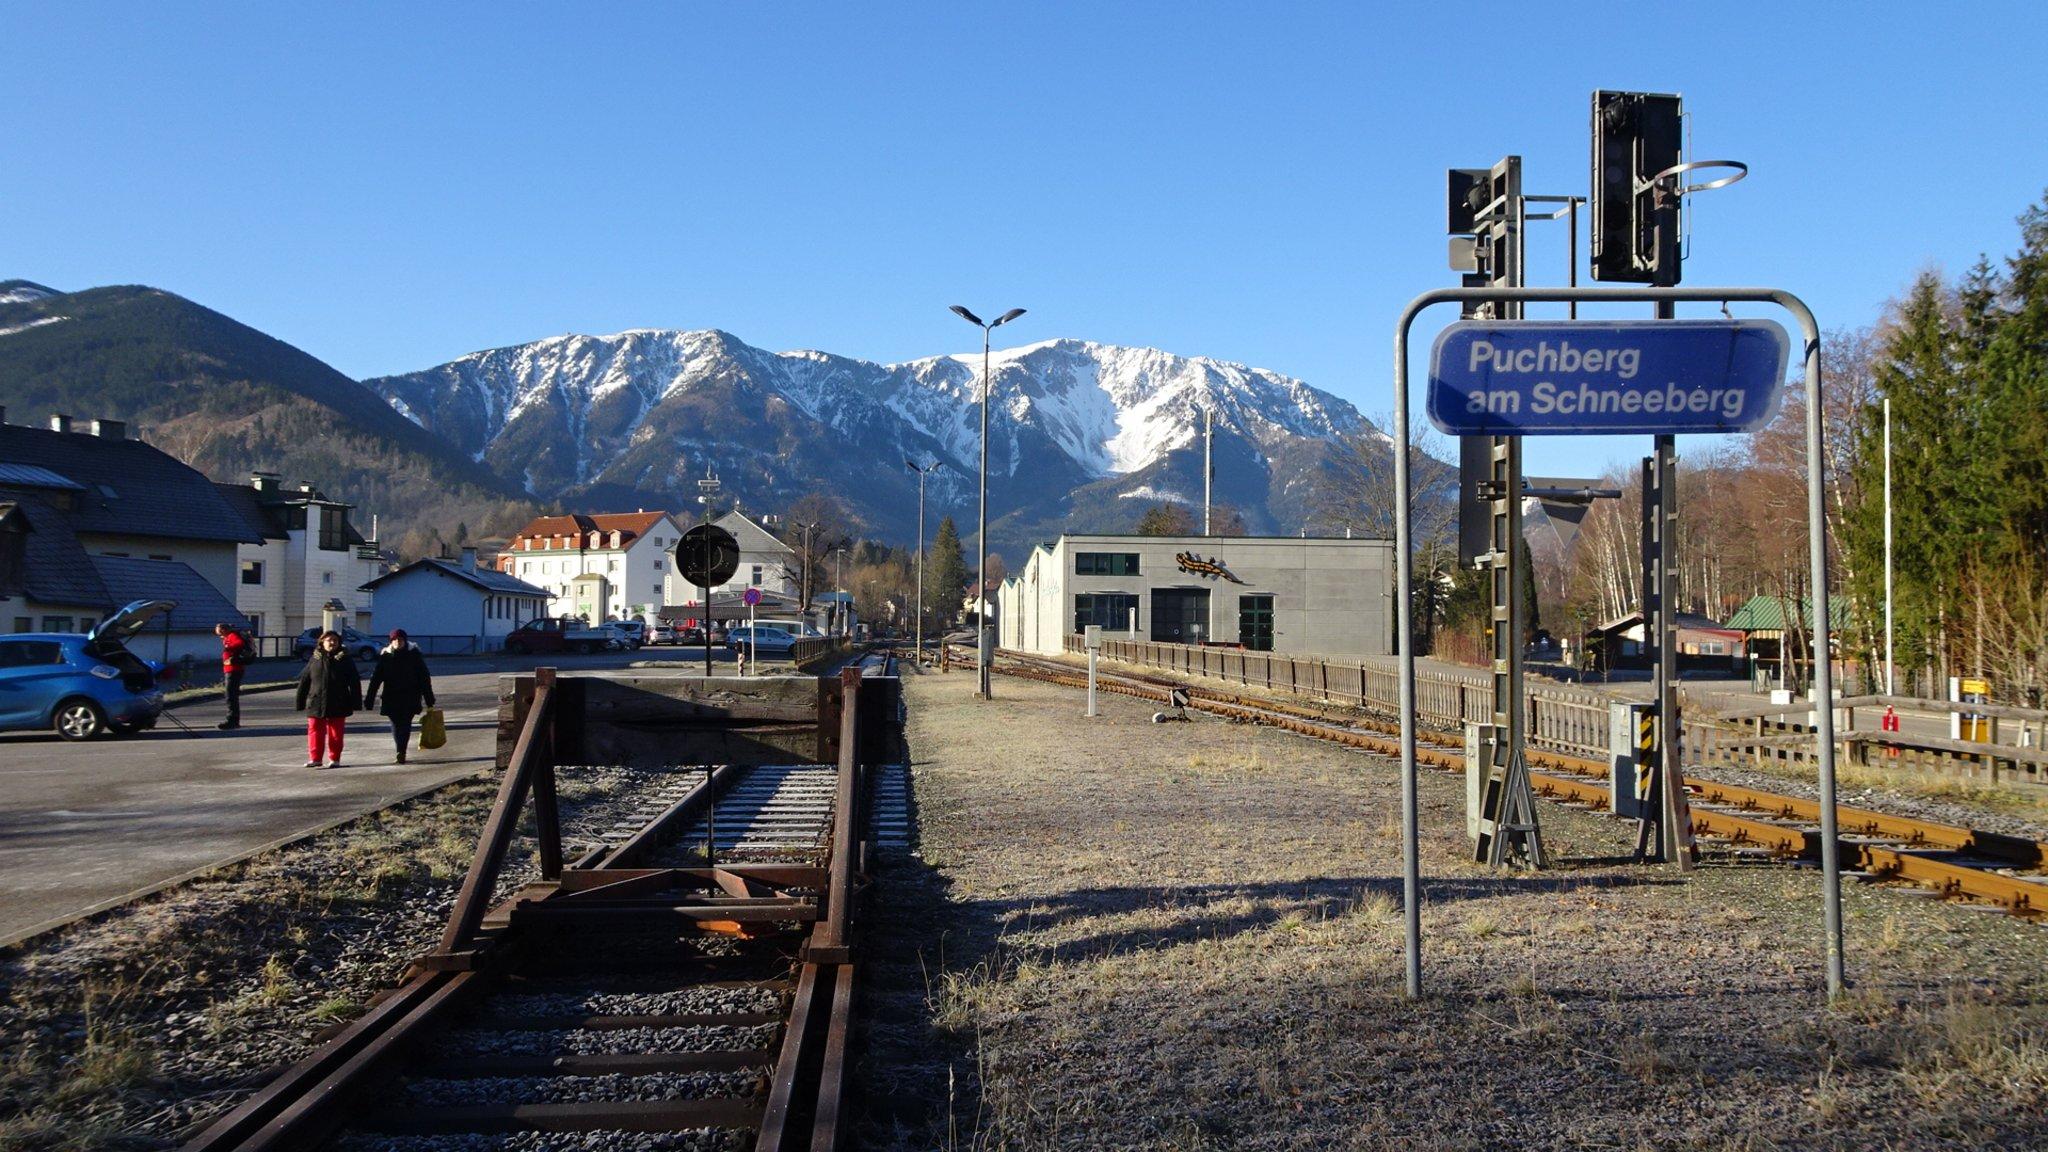 Kontaktanzeigen Puchberg am Schneeberg | Locanto